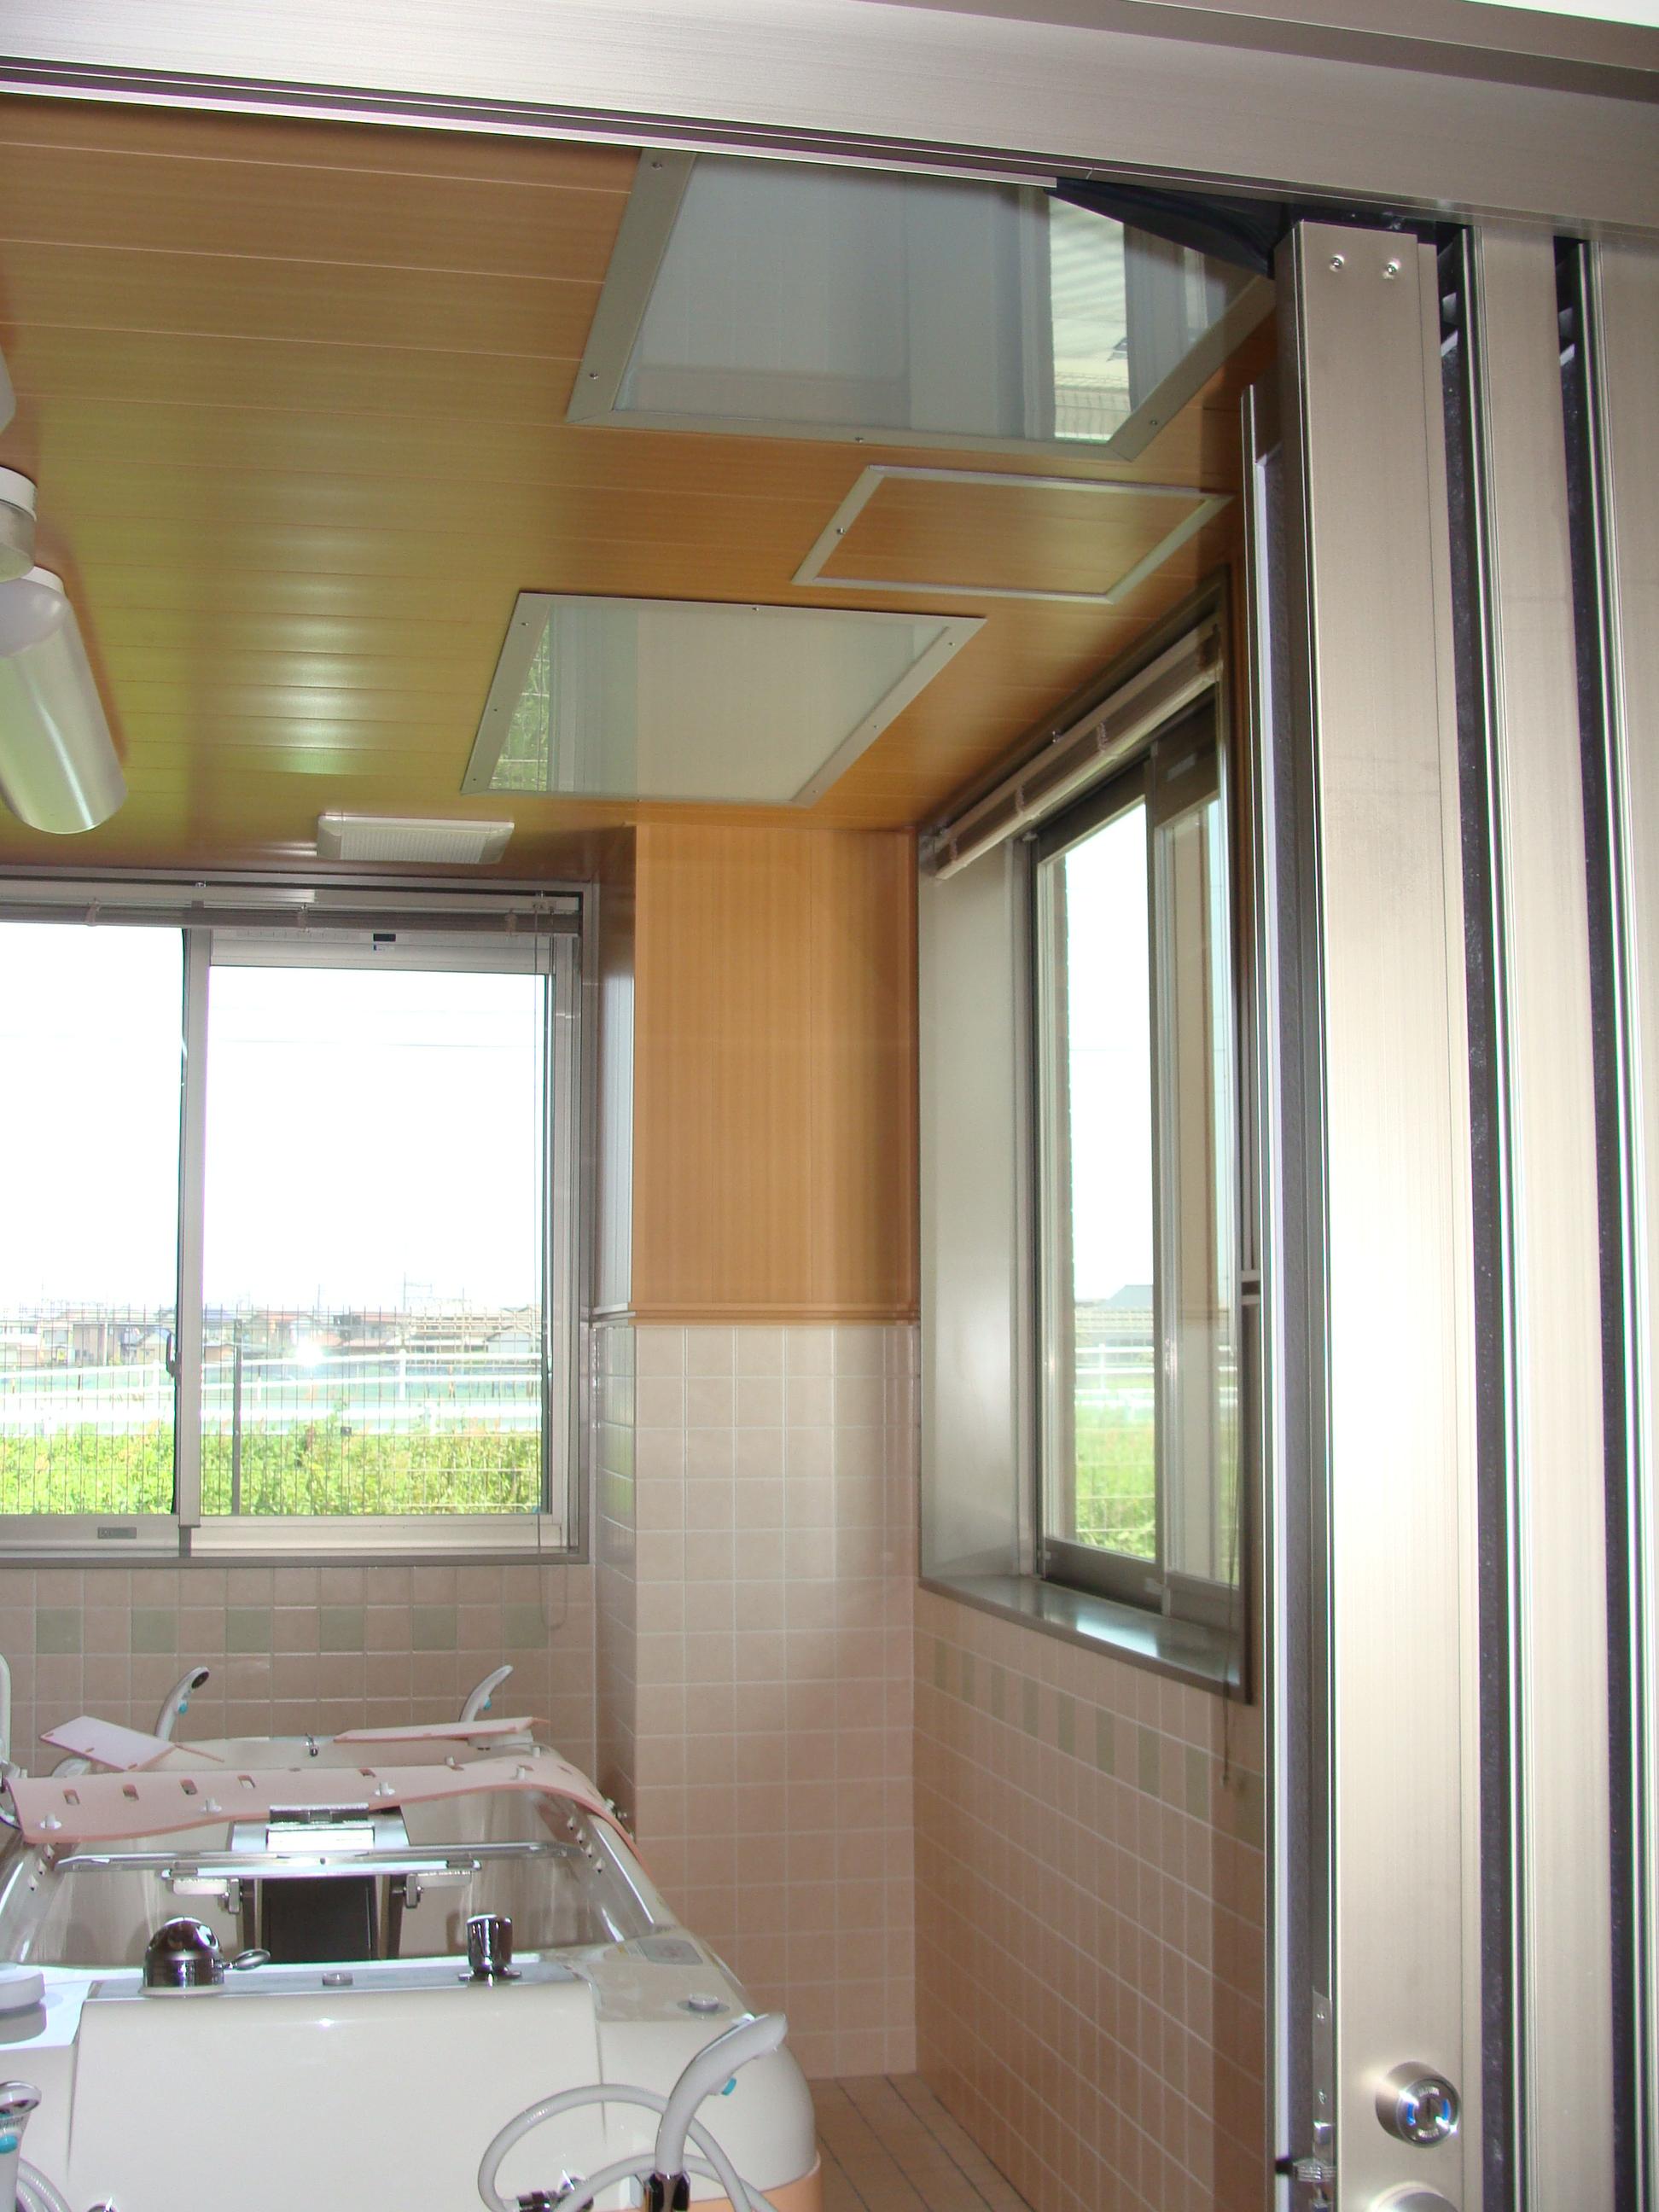 三重県 津市 サービス付高齢者向け住宅 『憩いの里 津ケアホーム』